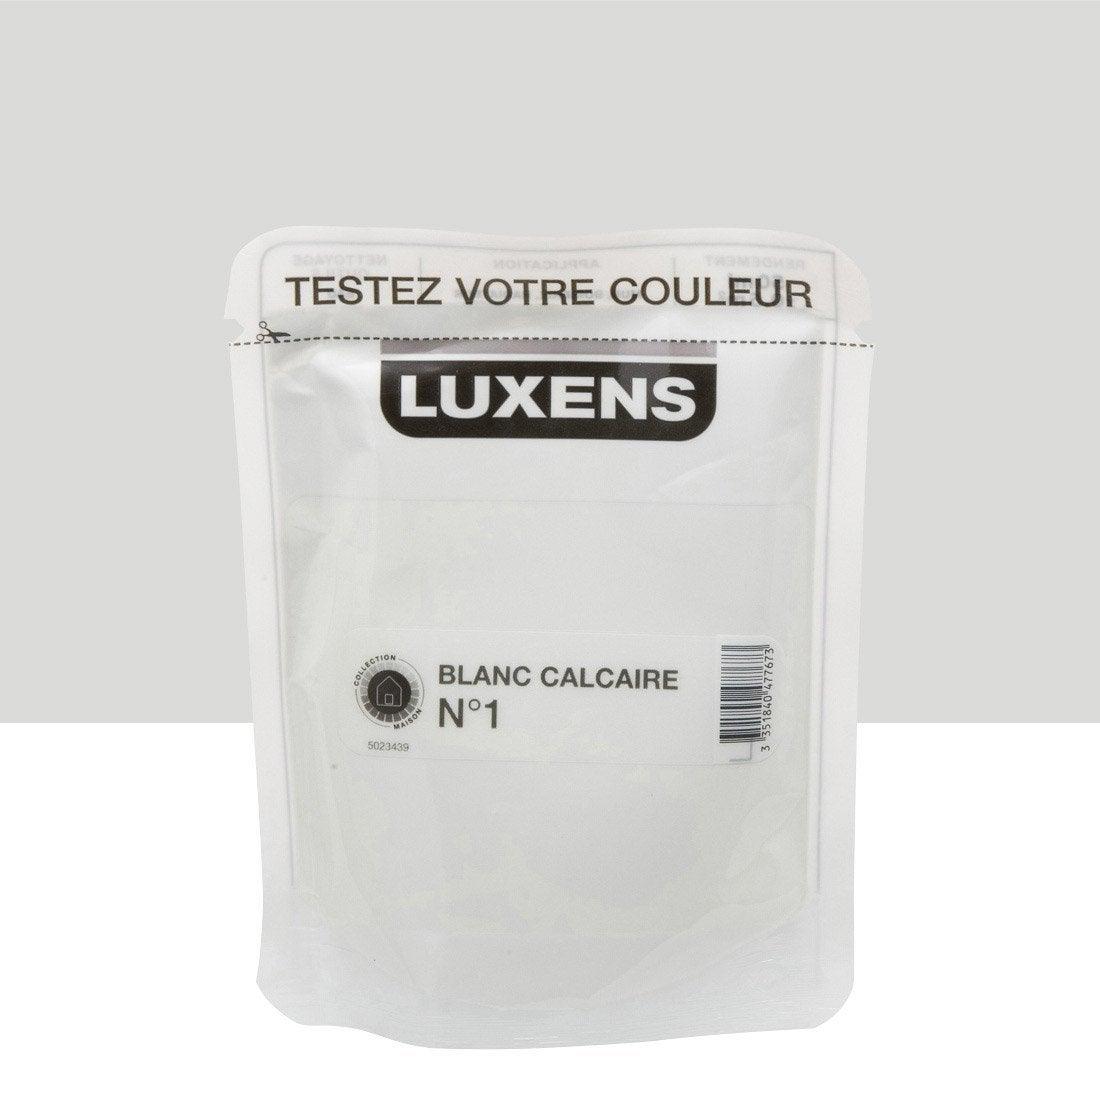 Testeur peinture blanc calcaire 1 luxens couleurs - Peinture luxens blanc satin ...